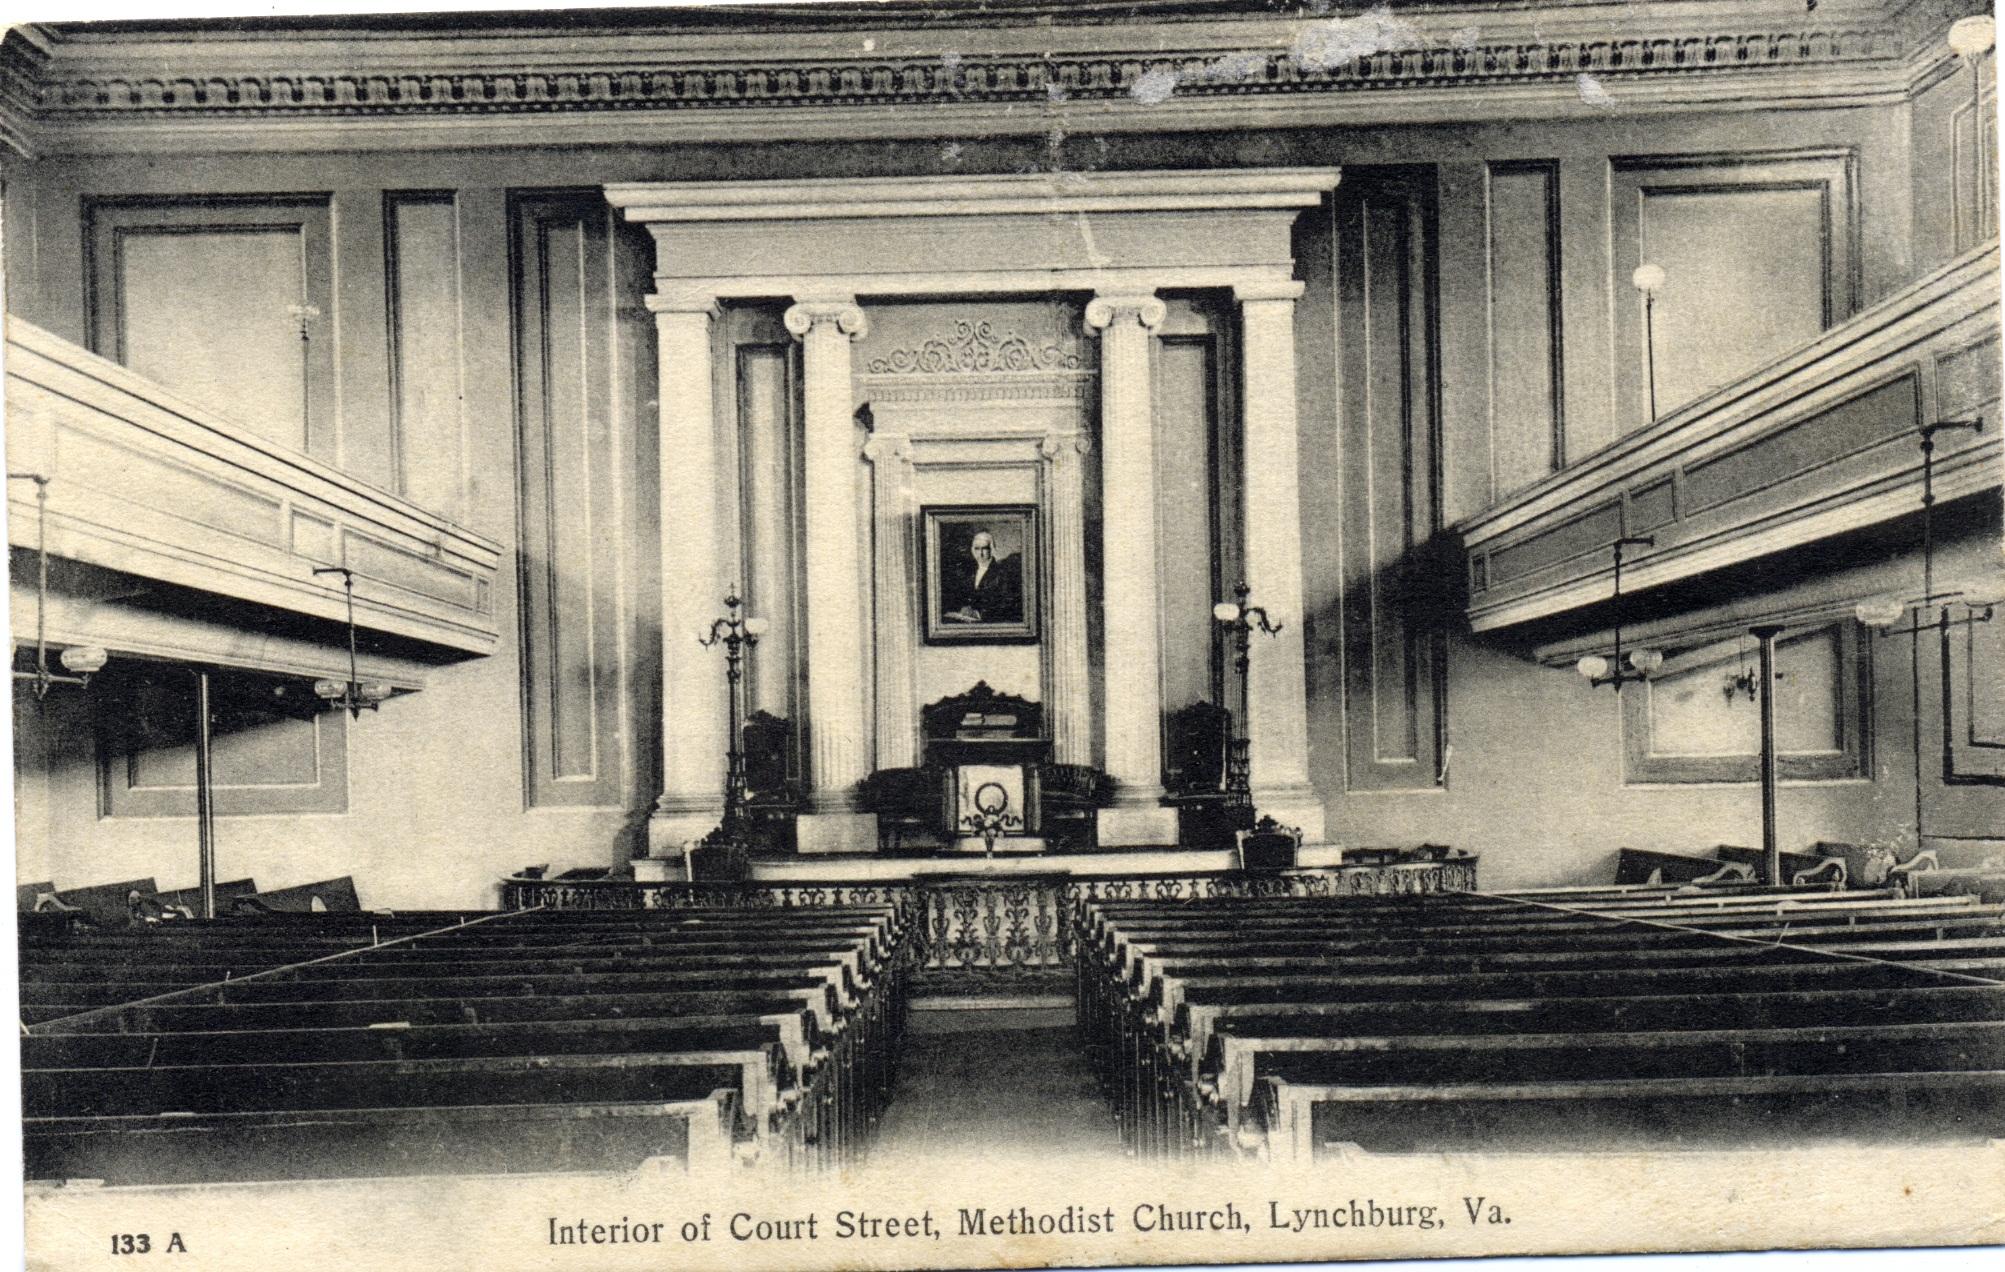 Court Street Methodist Church